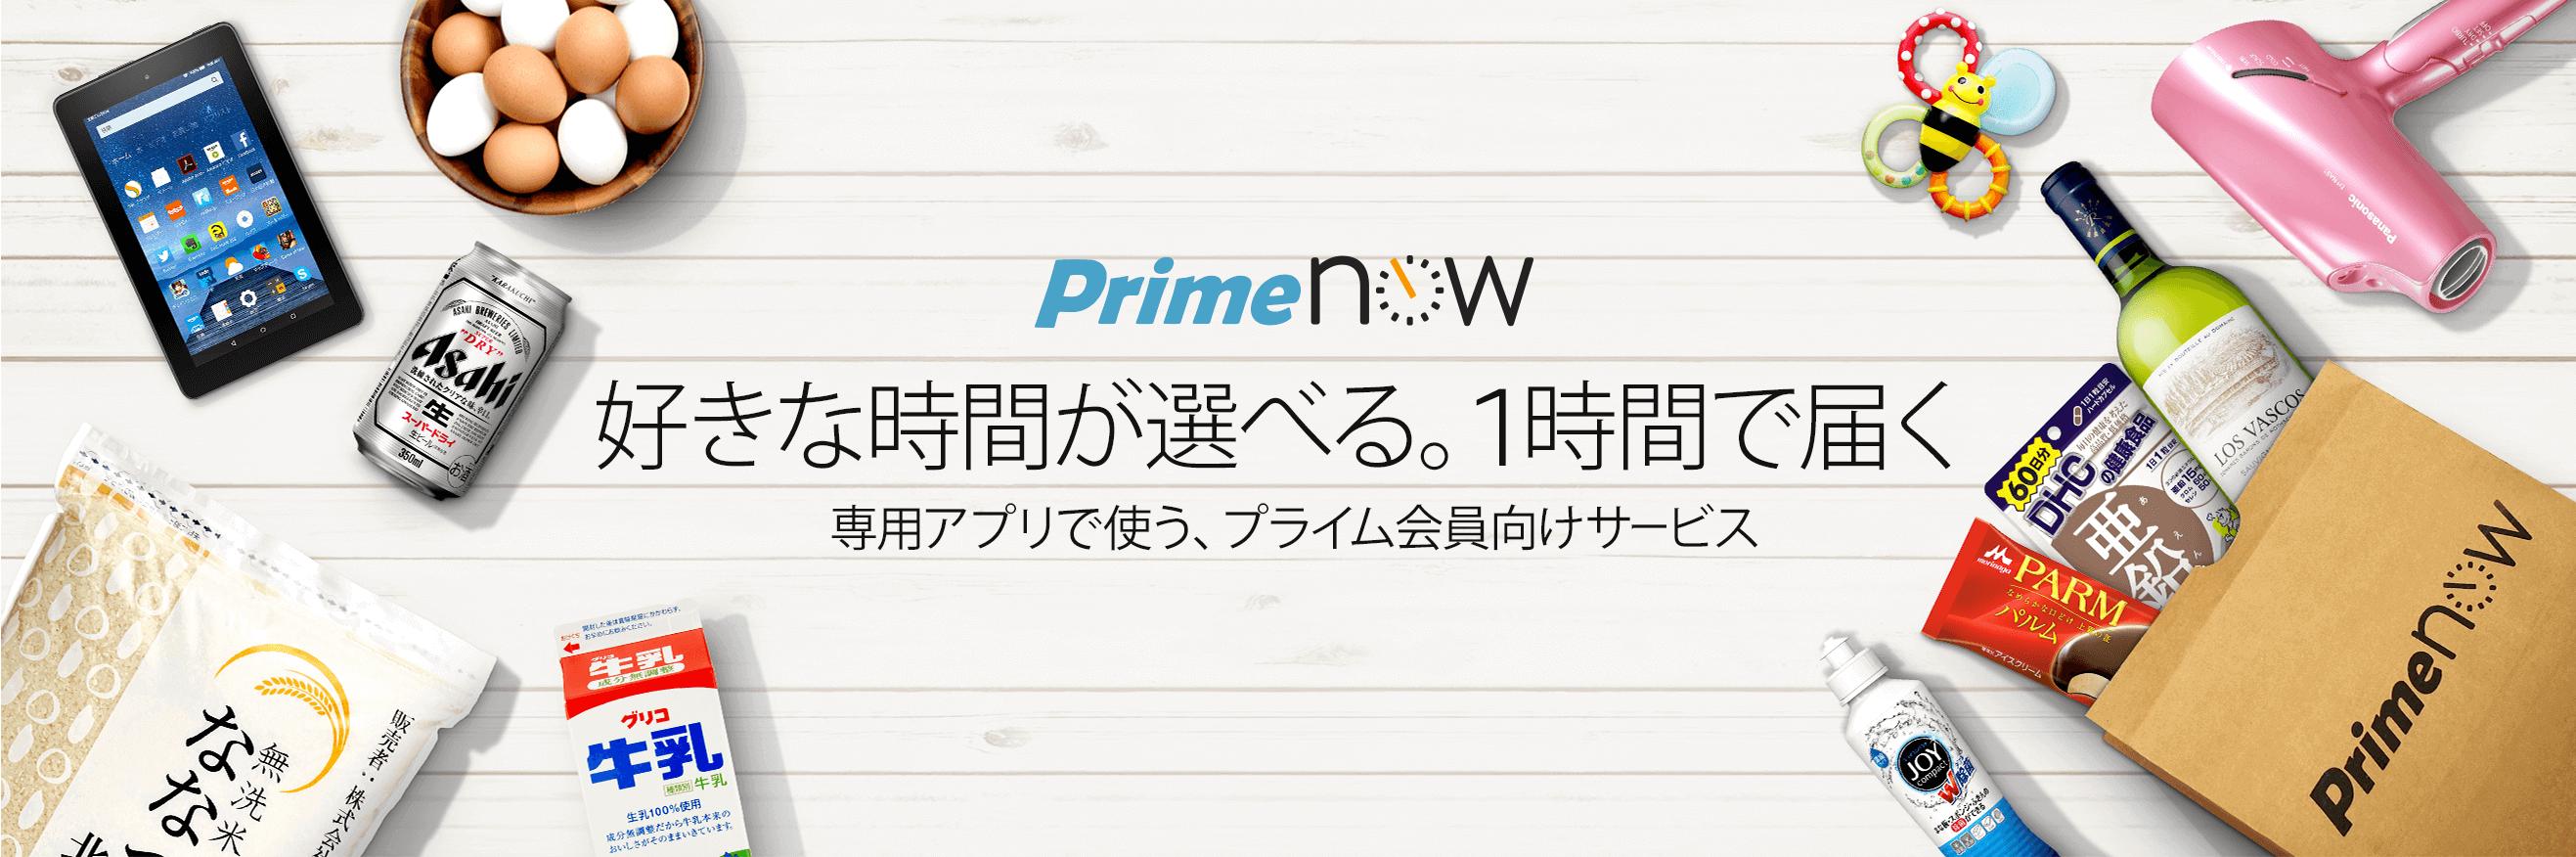 1時間で届く、毎日のお買い物 - Prime Now(プライム ナウ)